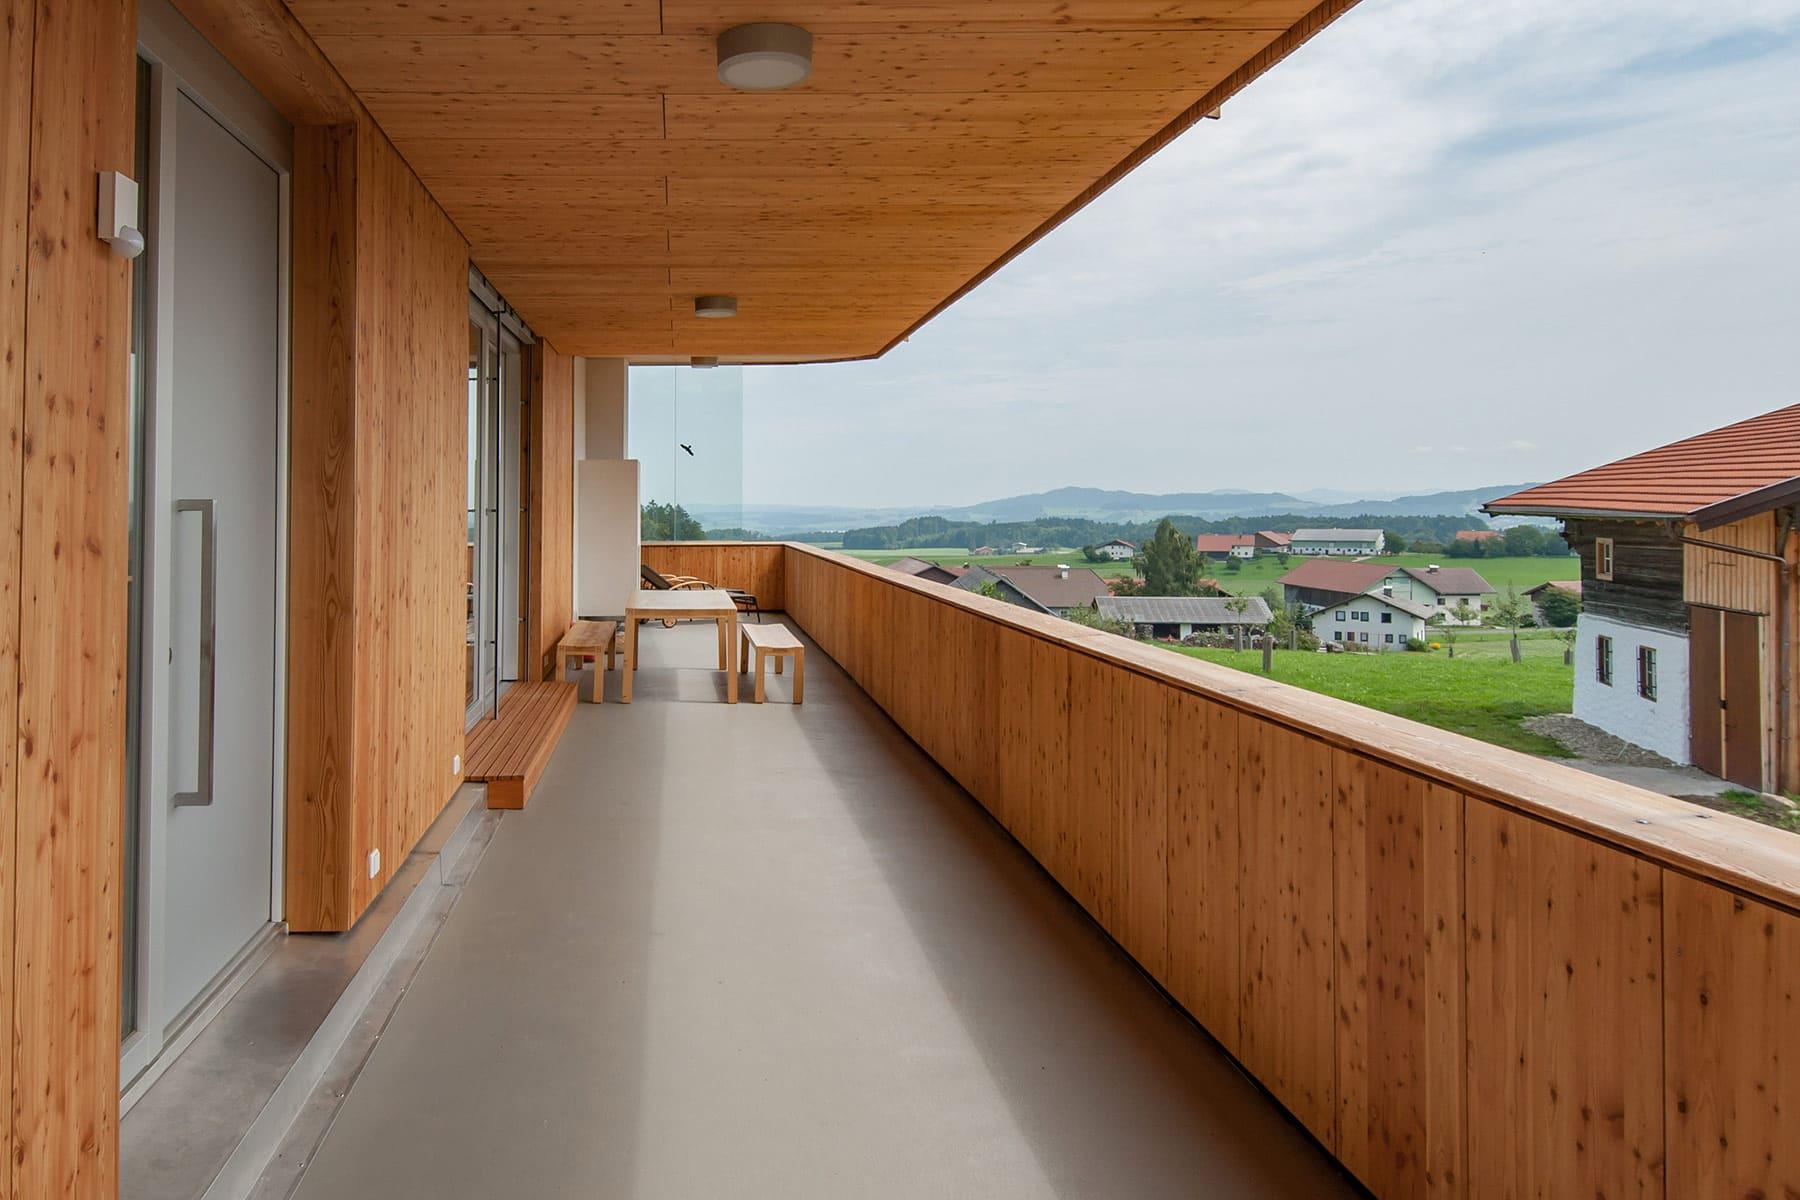 patio, holzhaus, architekt, haus, bauernhof, umbau, salzburg, landleben, loft, architektur